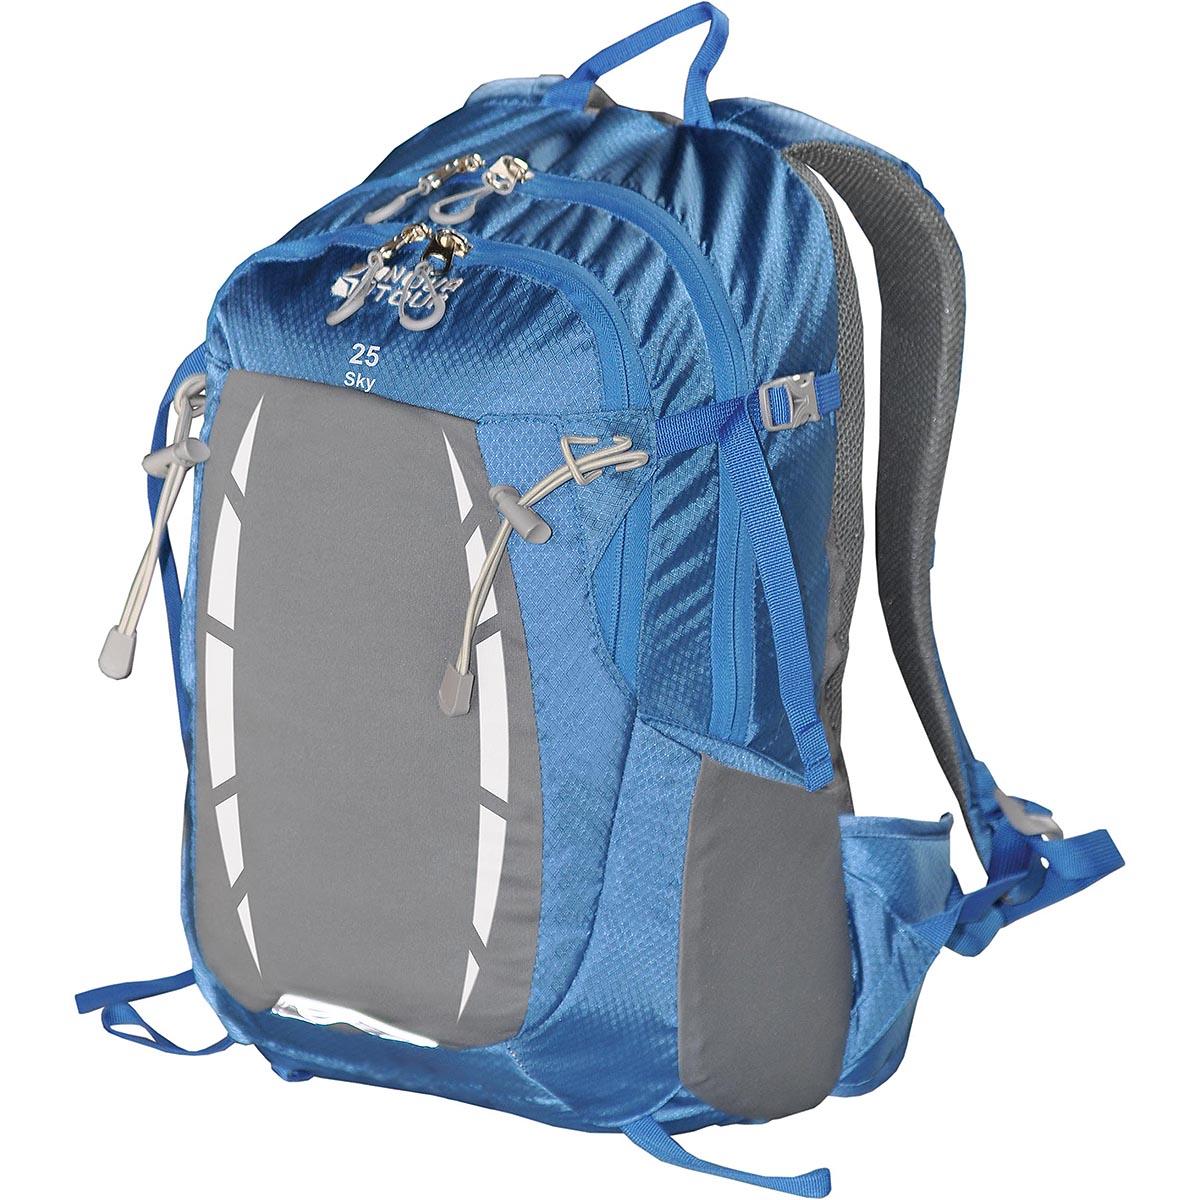 Рюкзак спортивный Nova Tour Скай 25, цвет: синий, 25 л95768-467-00Рюкзак спортивный Nova Tour Скай 25 - отделение для гидратора, карабин для ключей, карман с органайзером, эластичный фронтальный карман с переменным объемом.